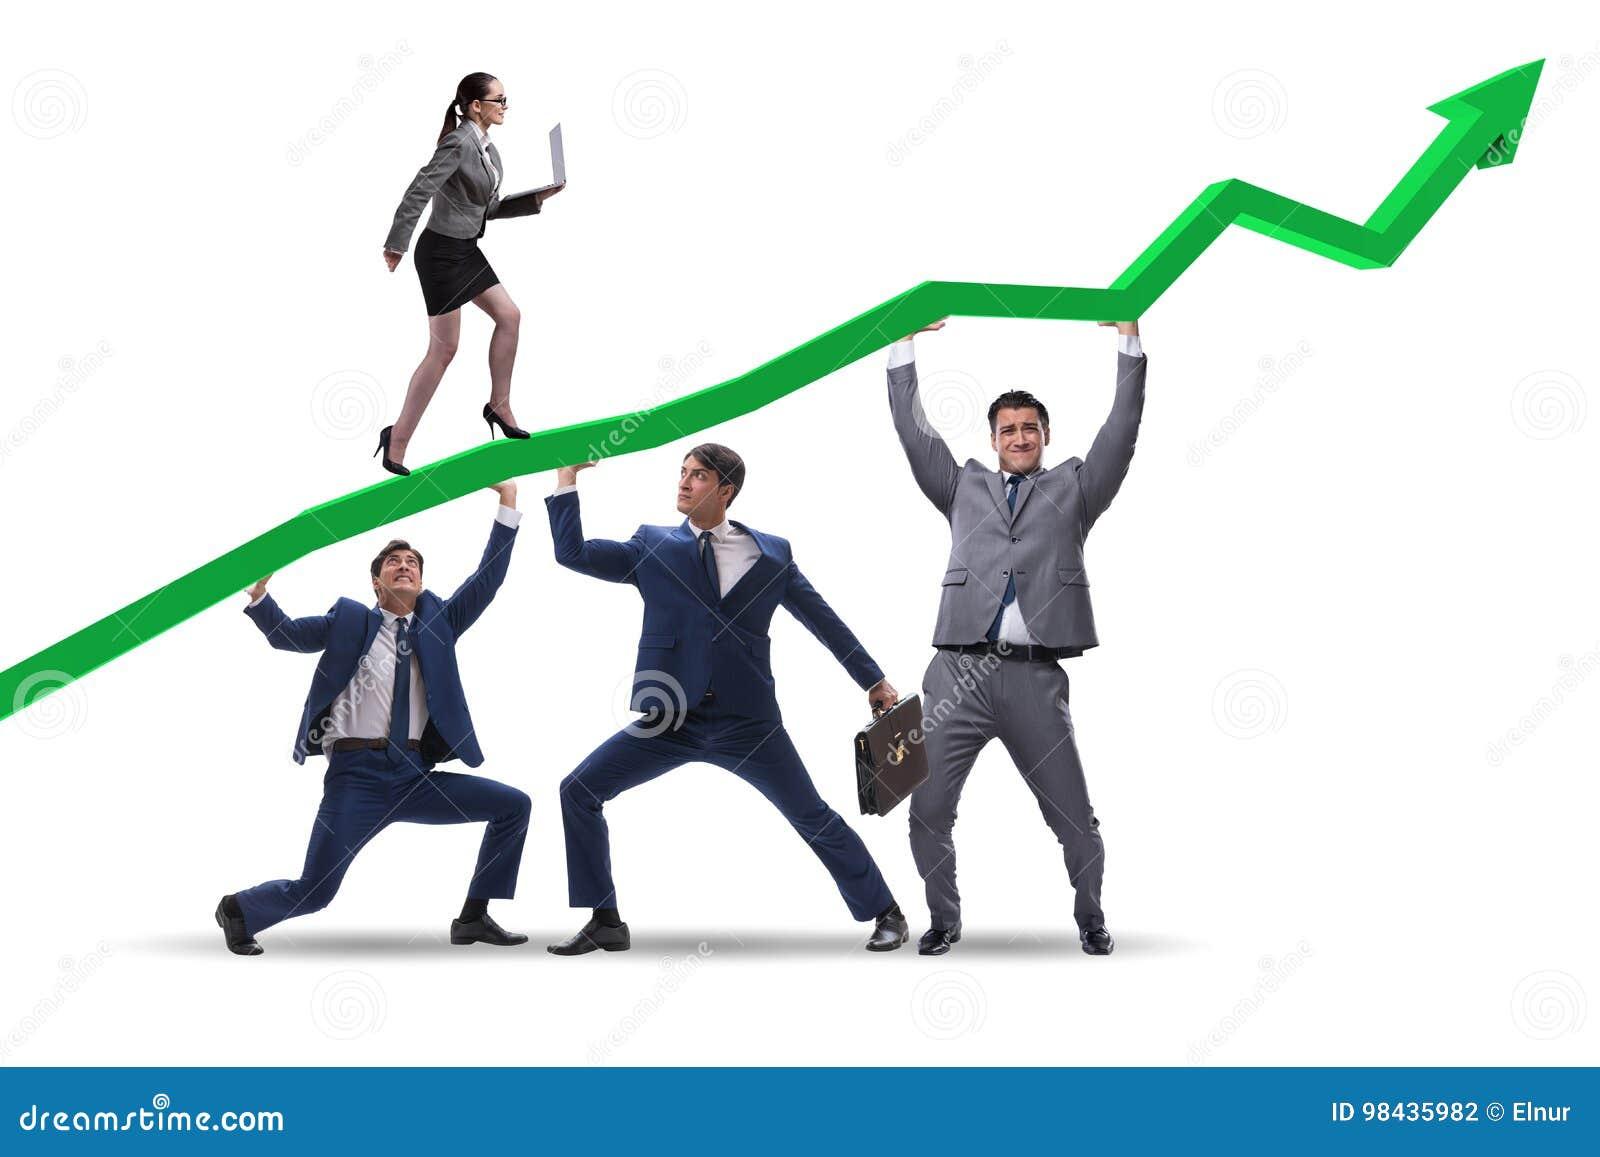 Los hombres de negocios que apoyan el desarrollo económico aislado en blanco